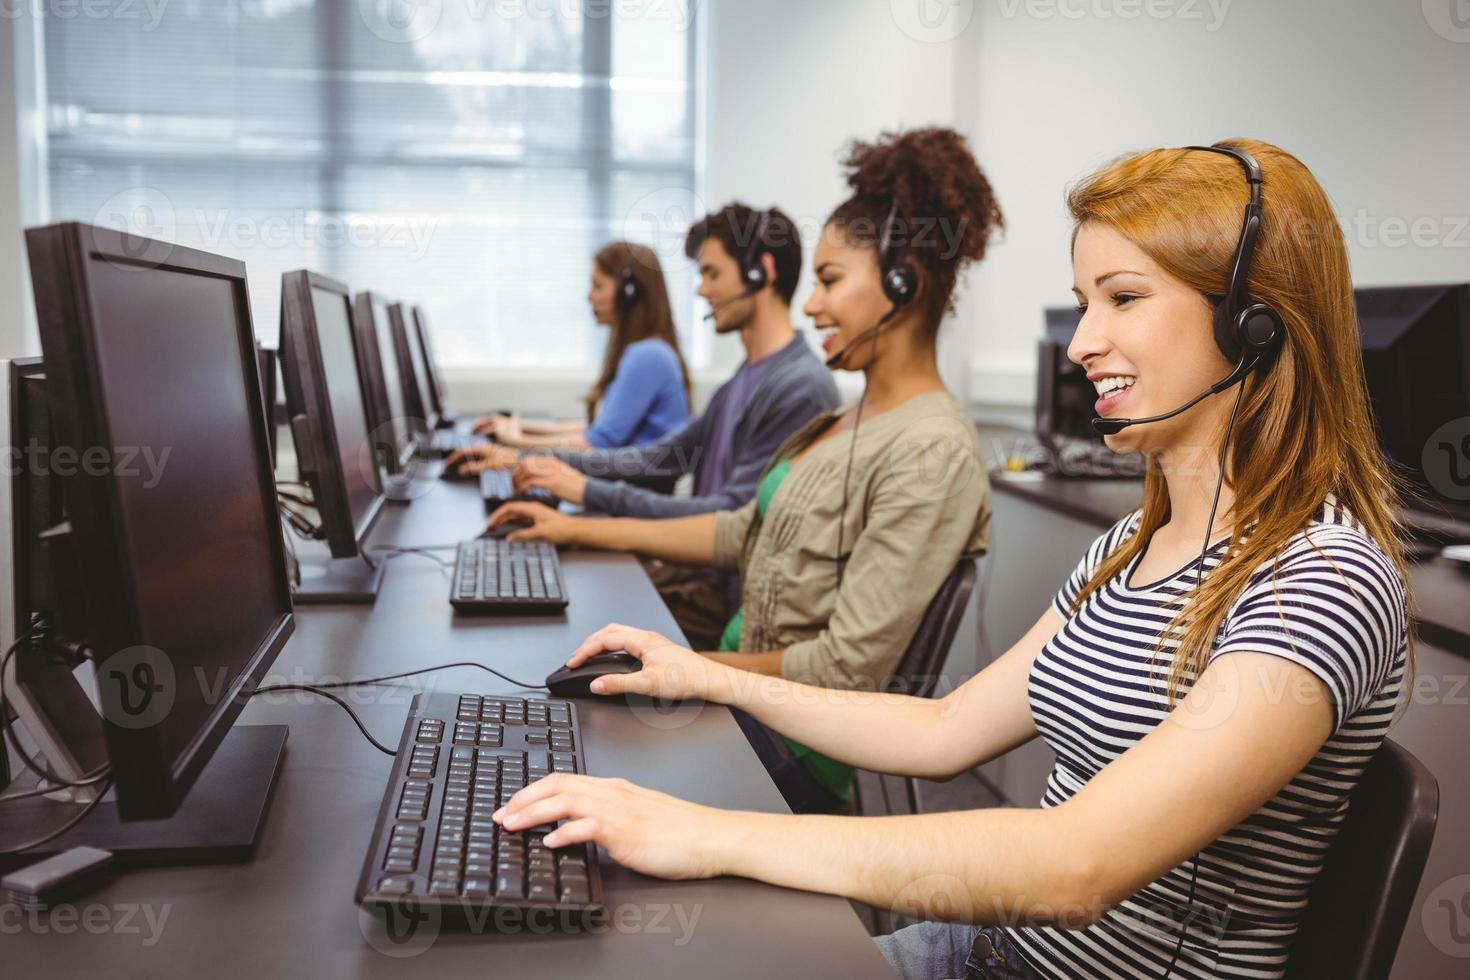 étudiant souriant assis devant l'ordinateur photo